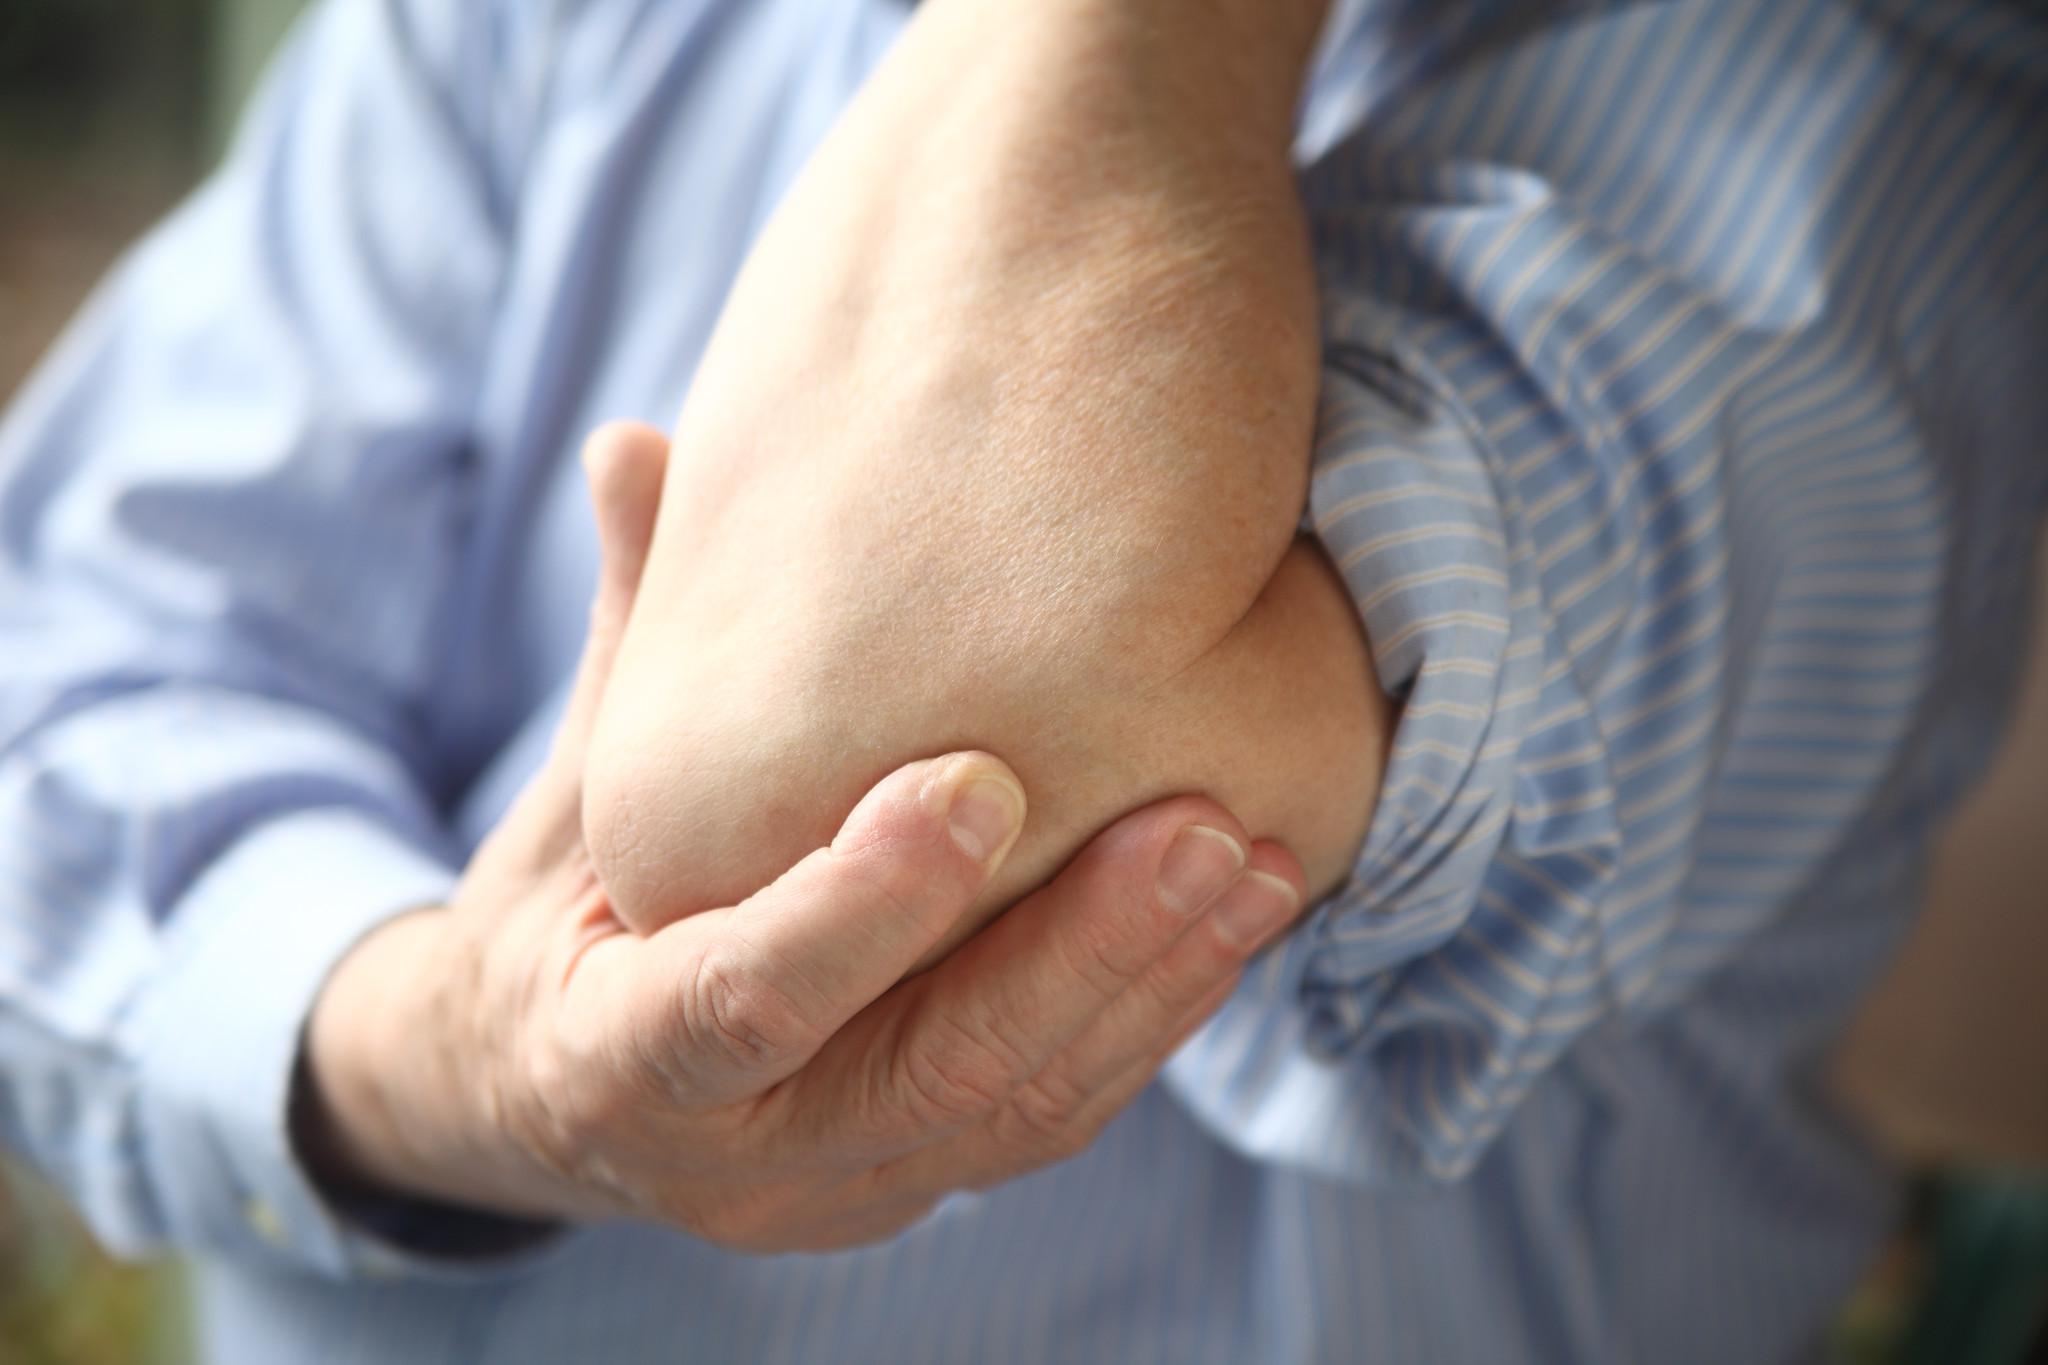 que hace subir el acido urico el acido urico causa dolor en los pies tengo gota en el pie